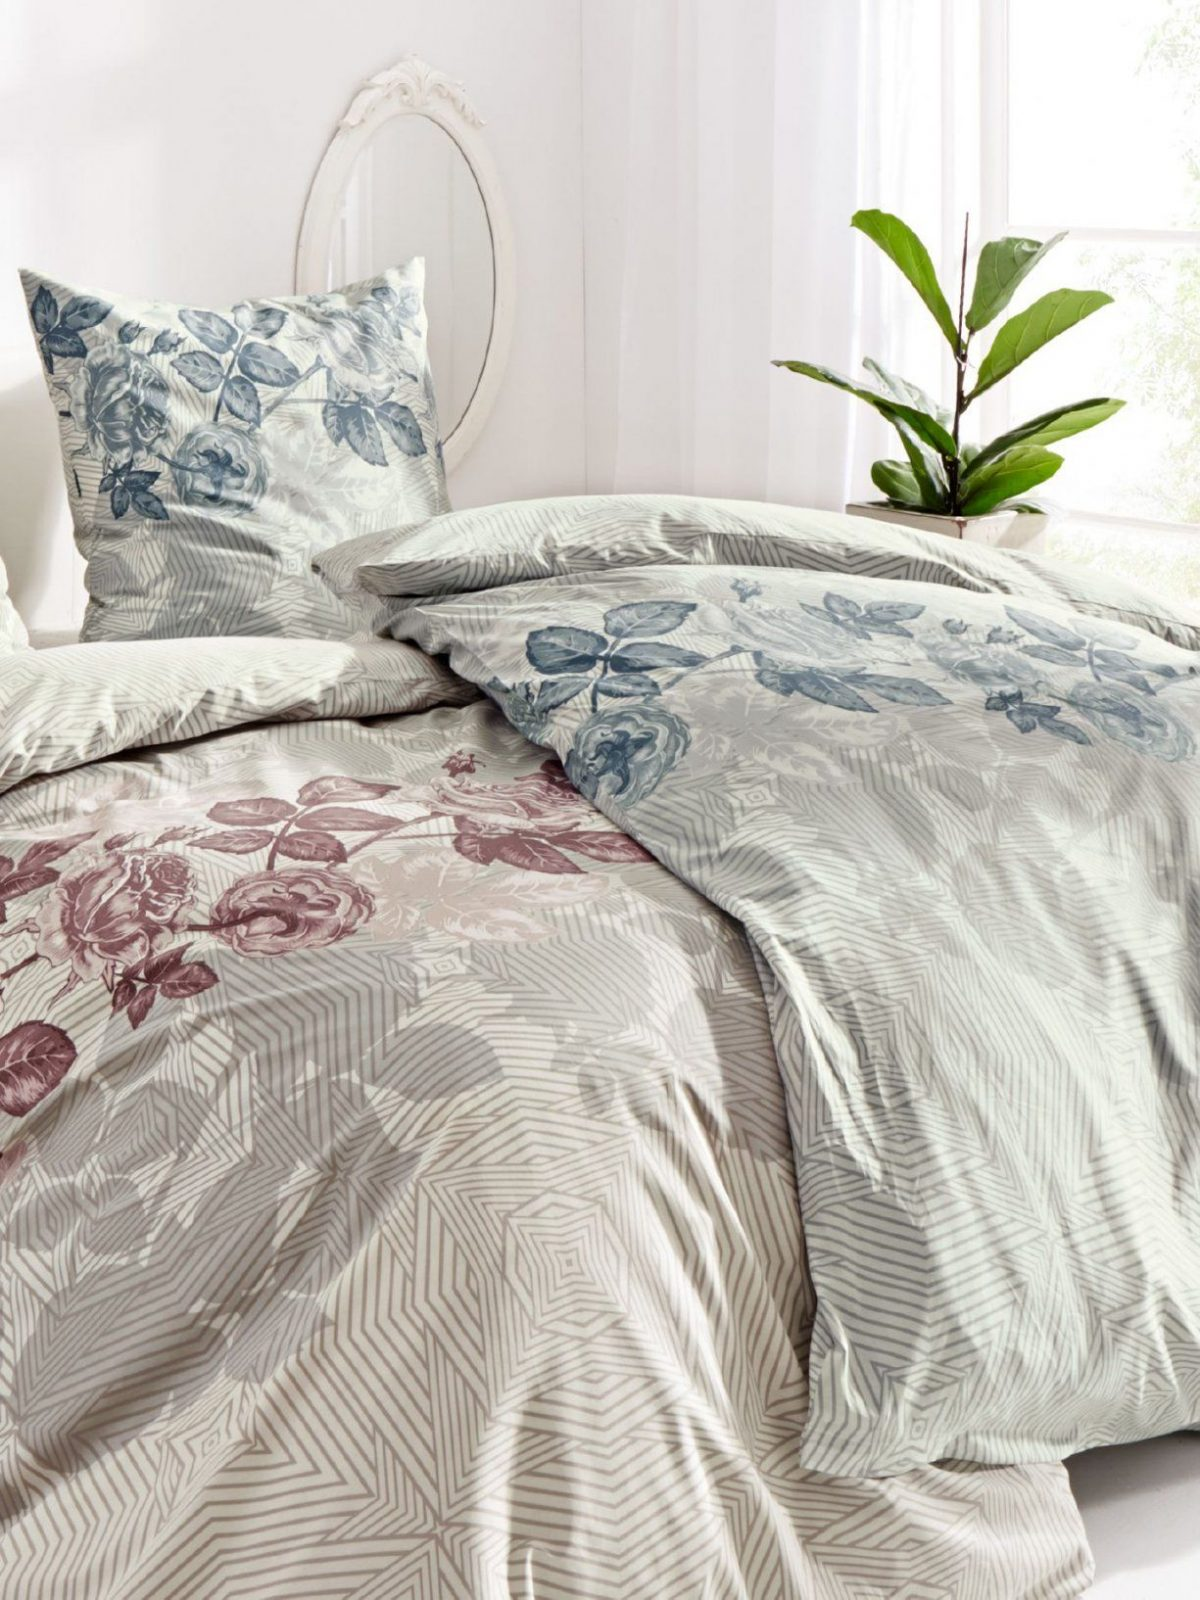 Baumwolle Bettwäsche Jungen Preisvergleich • Die Besten Angebote von Bettwäsche Bedrucken Lassen Preisvergleich Bild